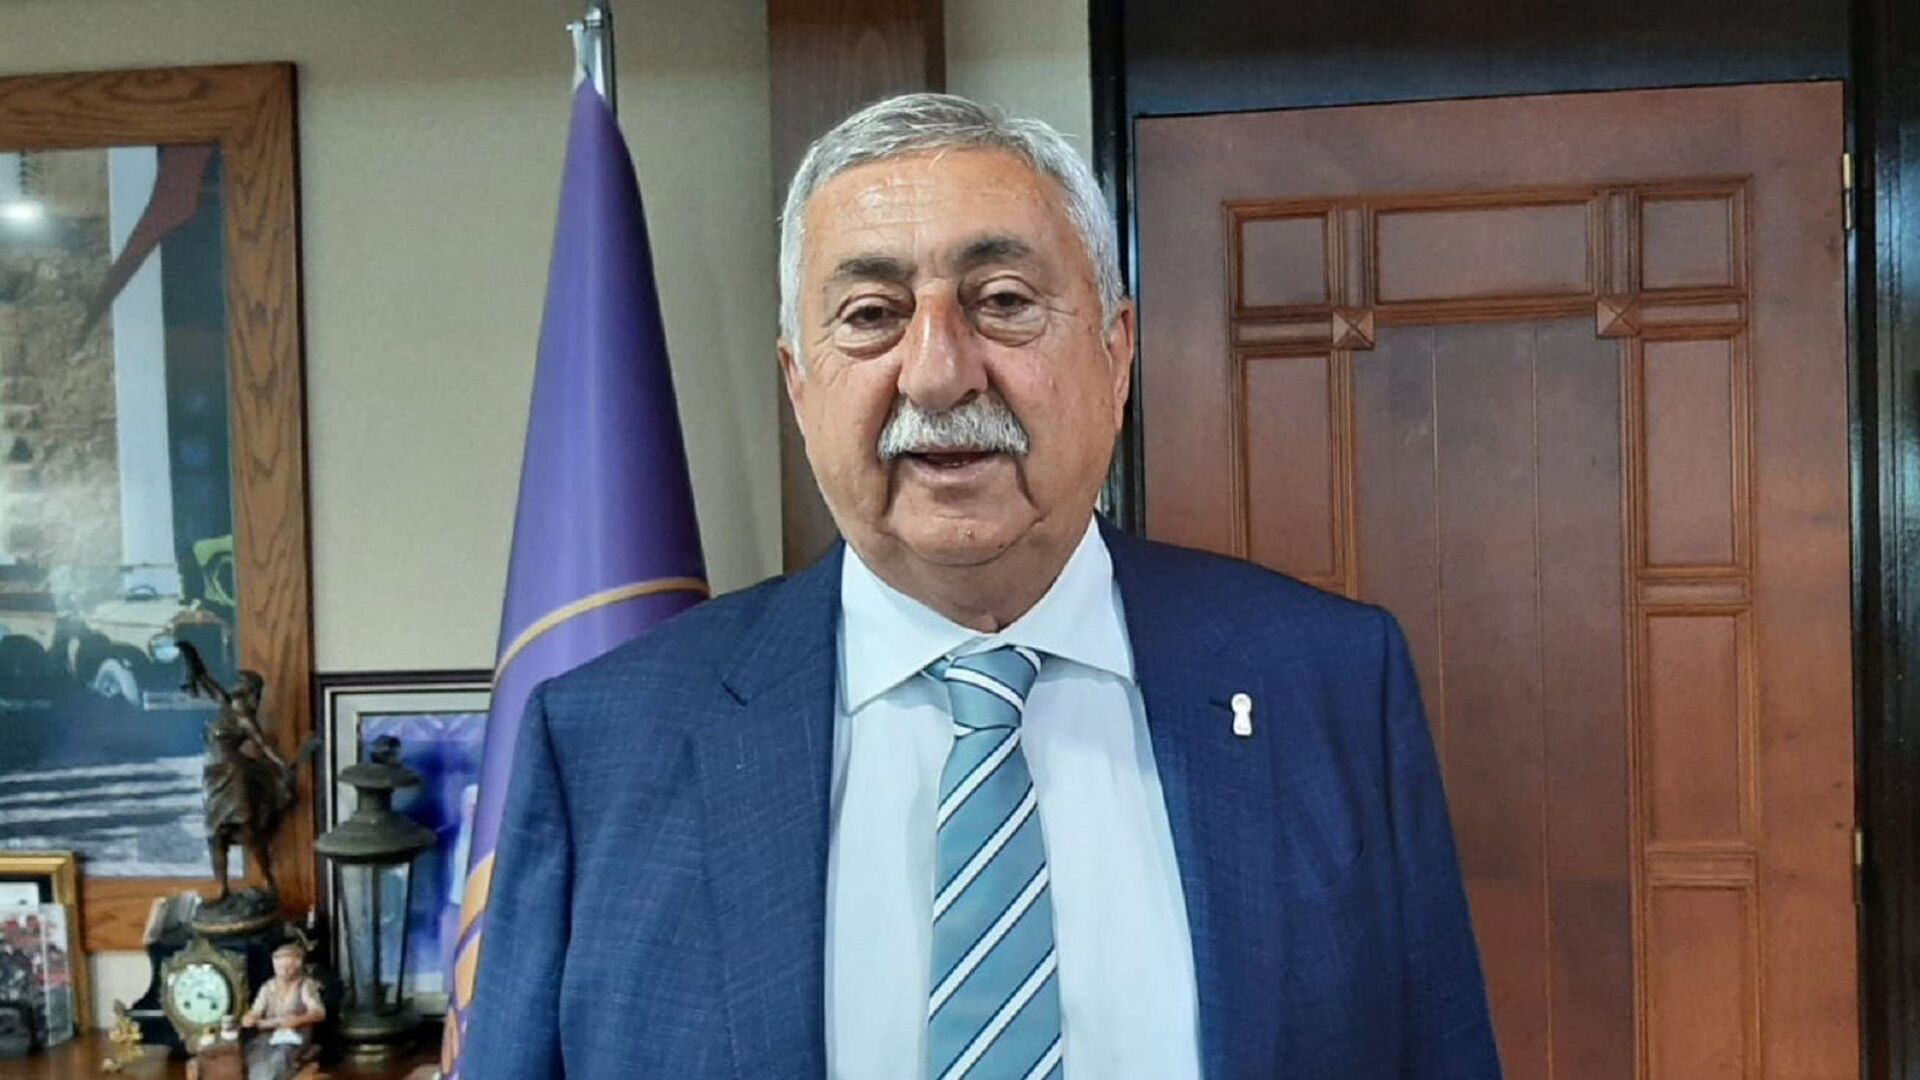 Türkiye Esnaf ve Sanatkarları Konfederasyonu (TESK) Genel Başkanı Bendevi Palandöken - Sputnik Türkiye, 1920, 26.09.2021